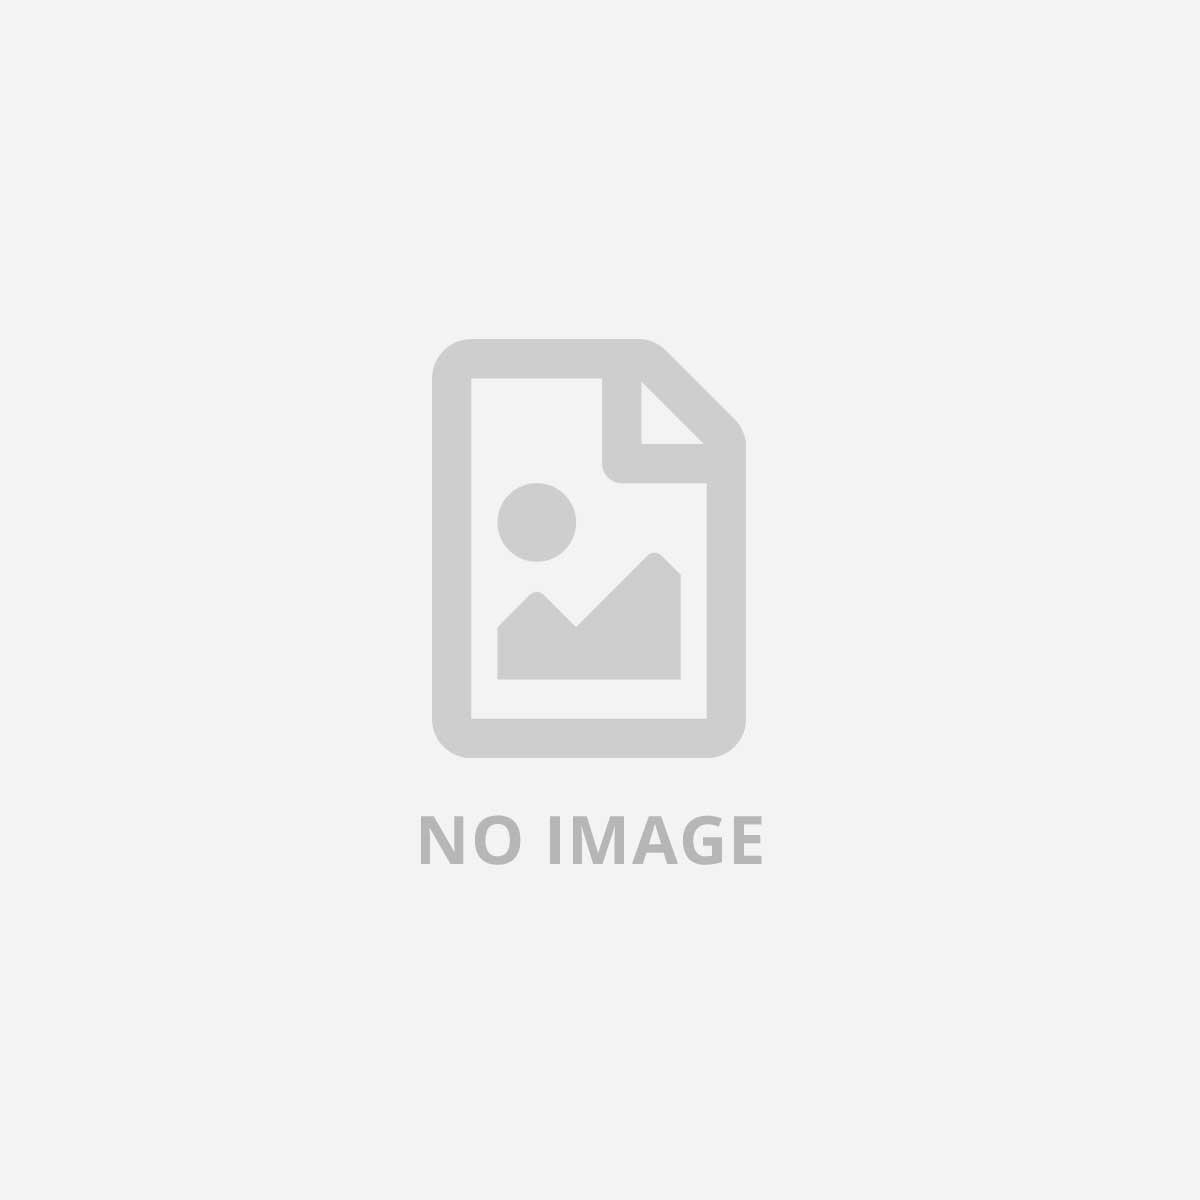 EPSON FOGLIO SUPPORTO SCANSIONE (5 PEZZI)